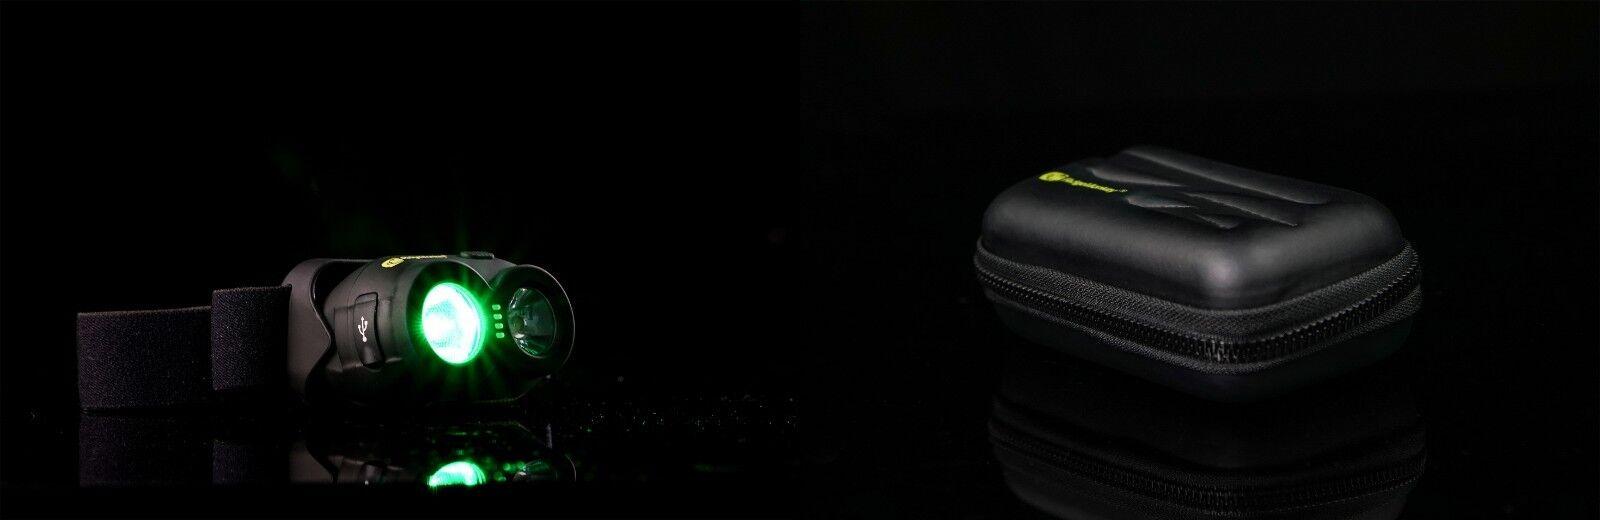 NUOVO ridgemonkey VRH150 Headtorch & gorillal TECH caso 45-Pesca Carpa Illuminazione